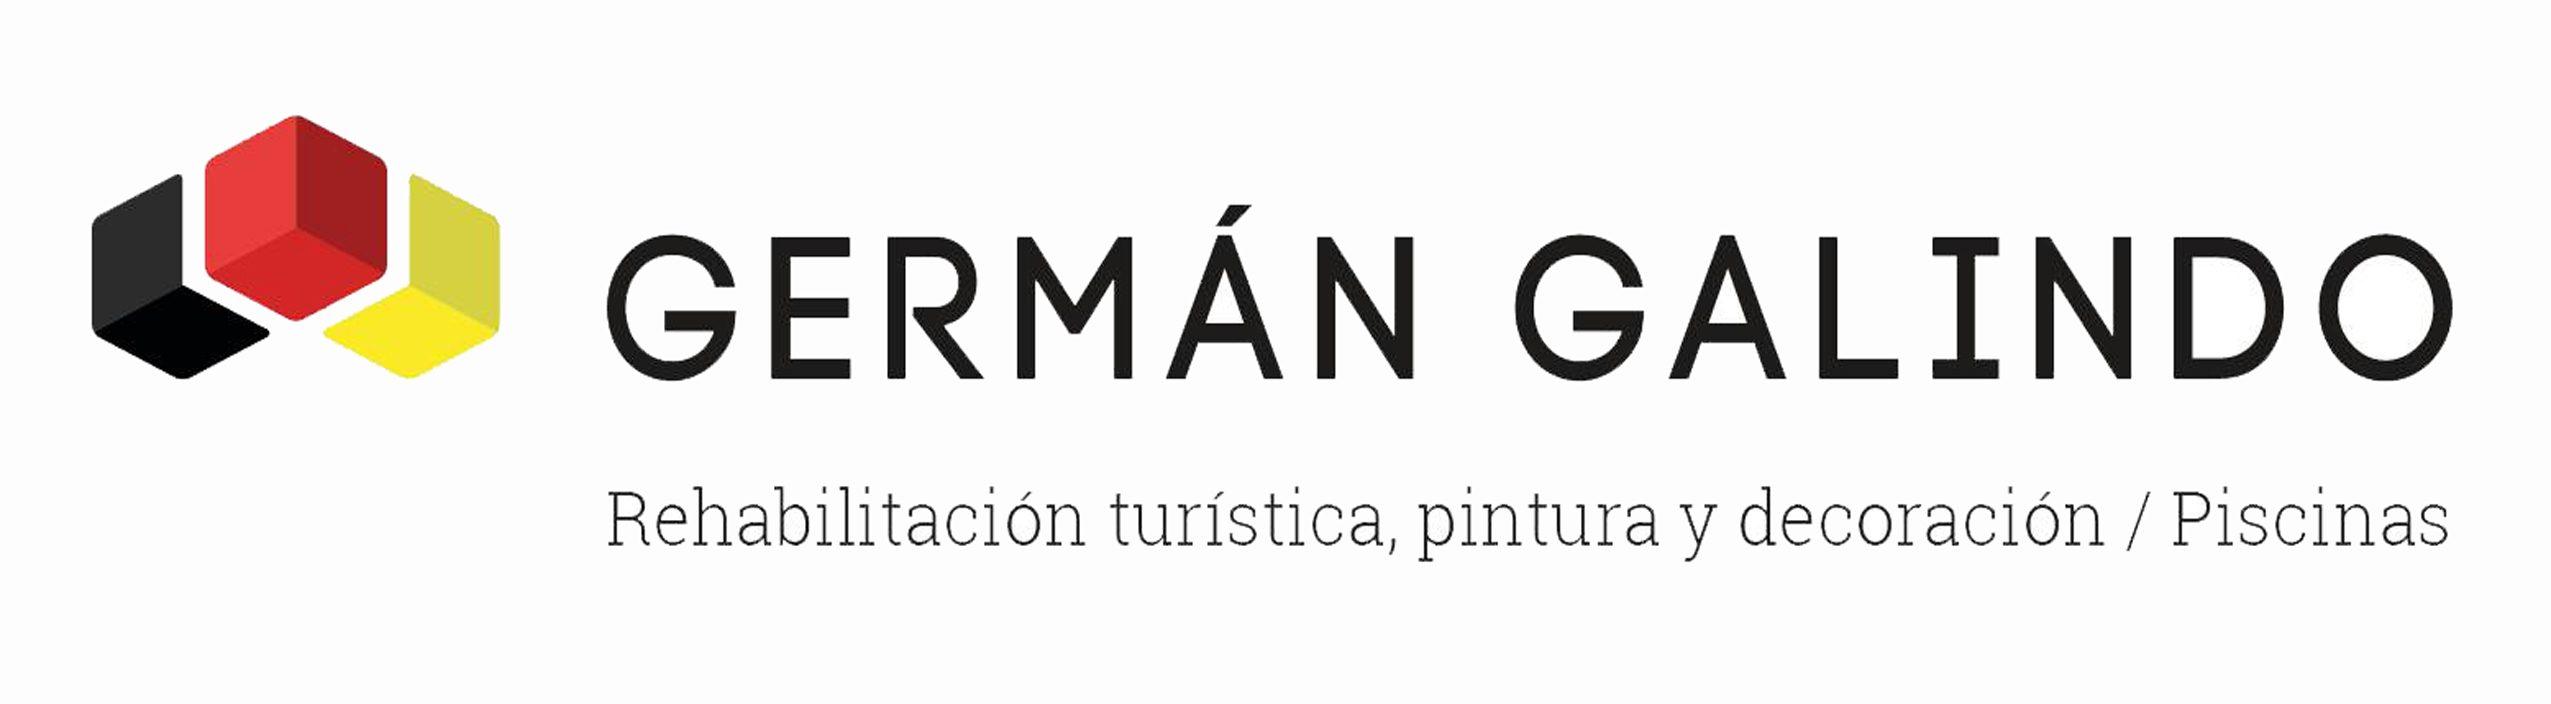 GERMÁN GALINDO